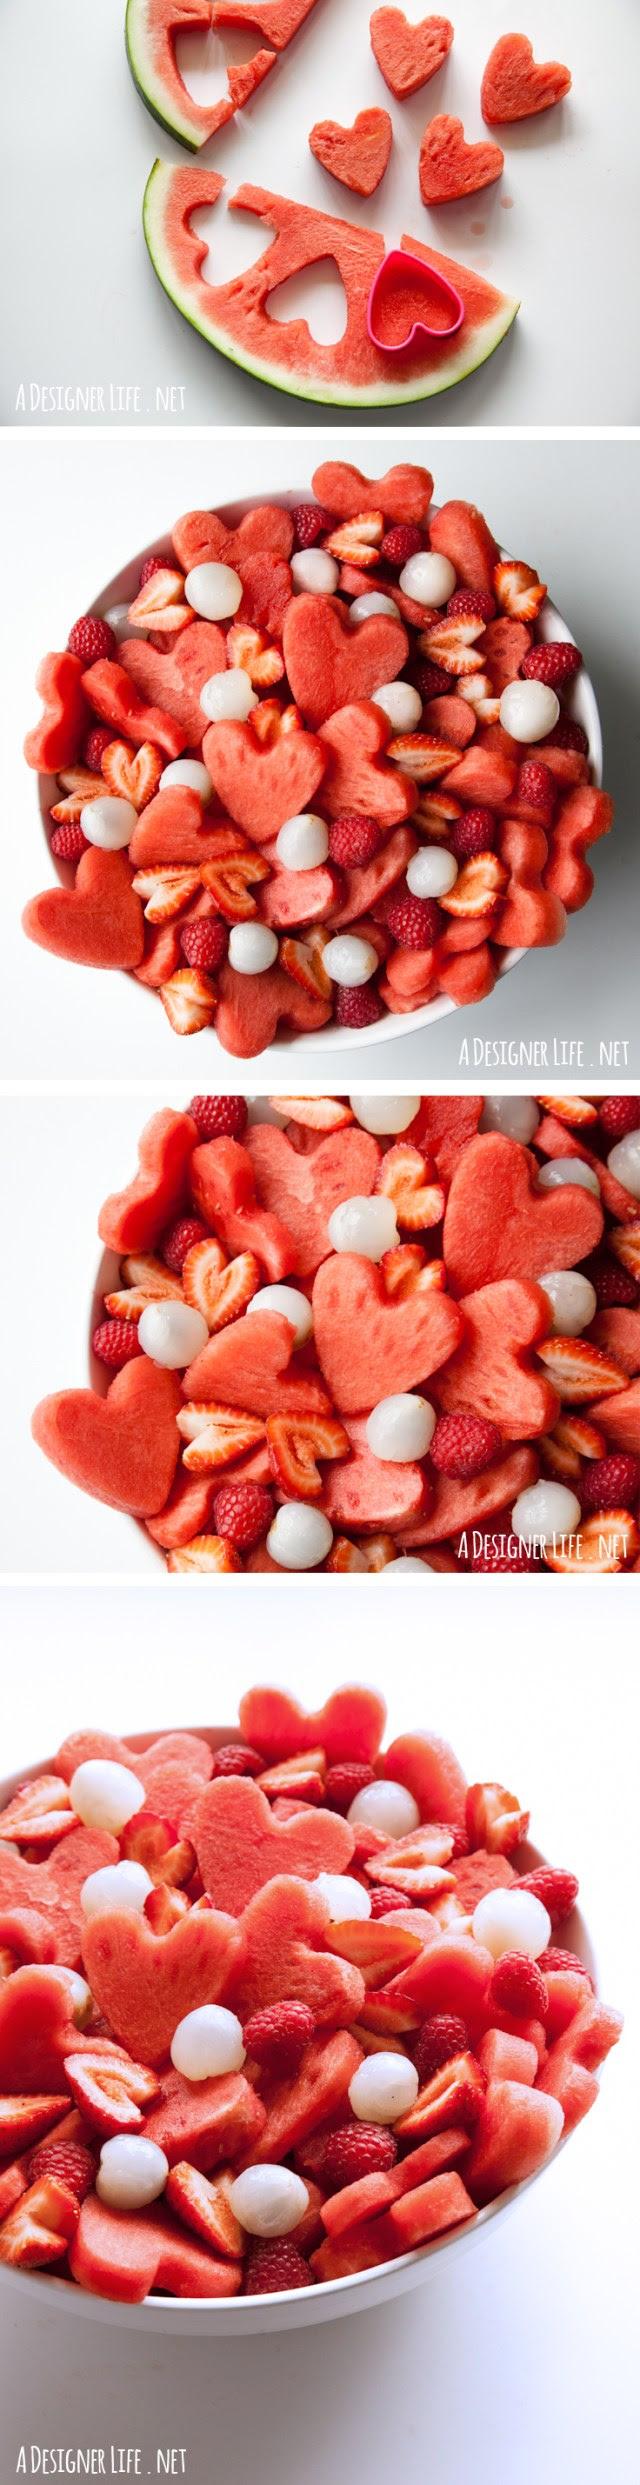 Sevgililer Günü için Karpuz kalp meyve salatası - kalp şeklinde çerez kesici ile yapılmadı!